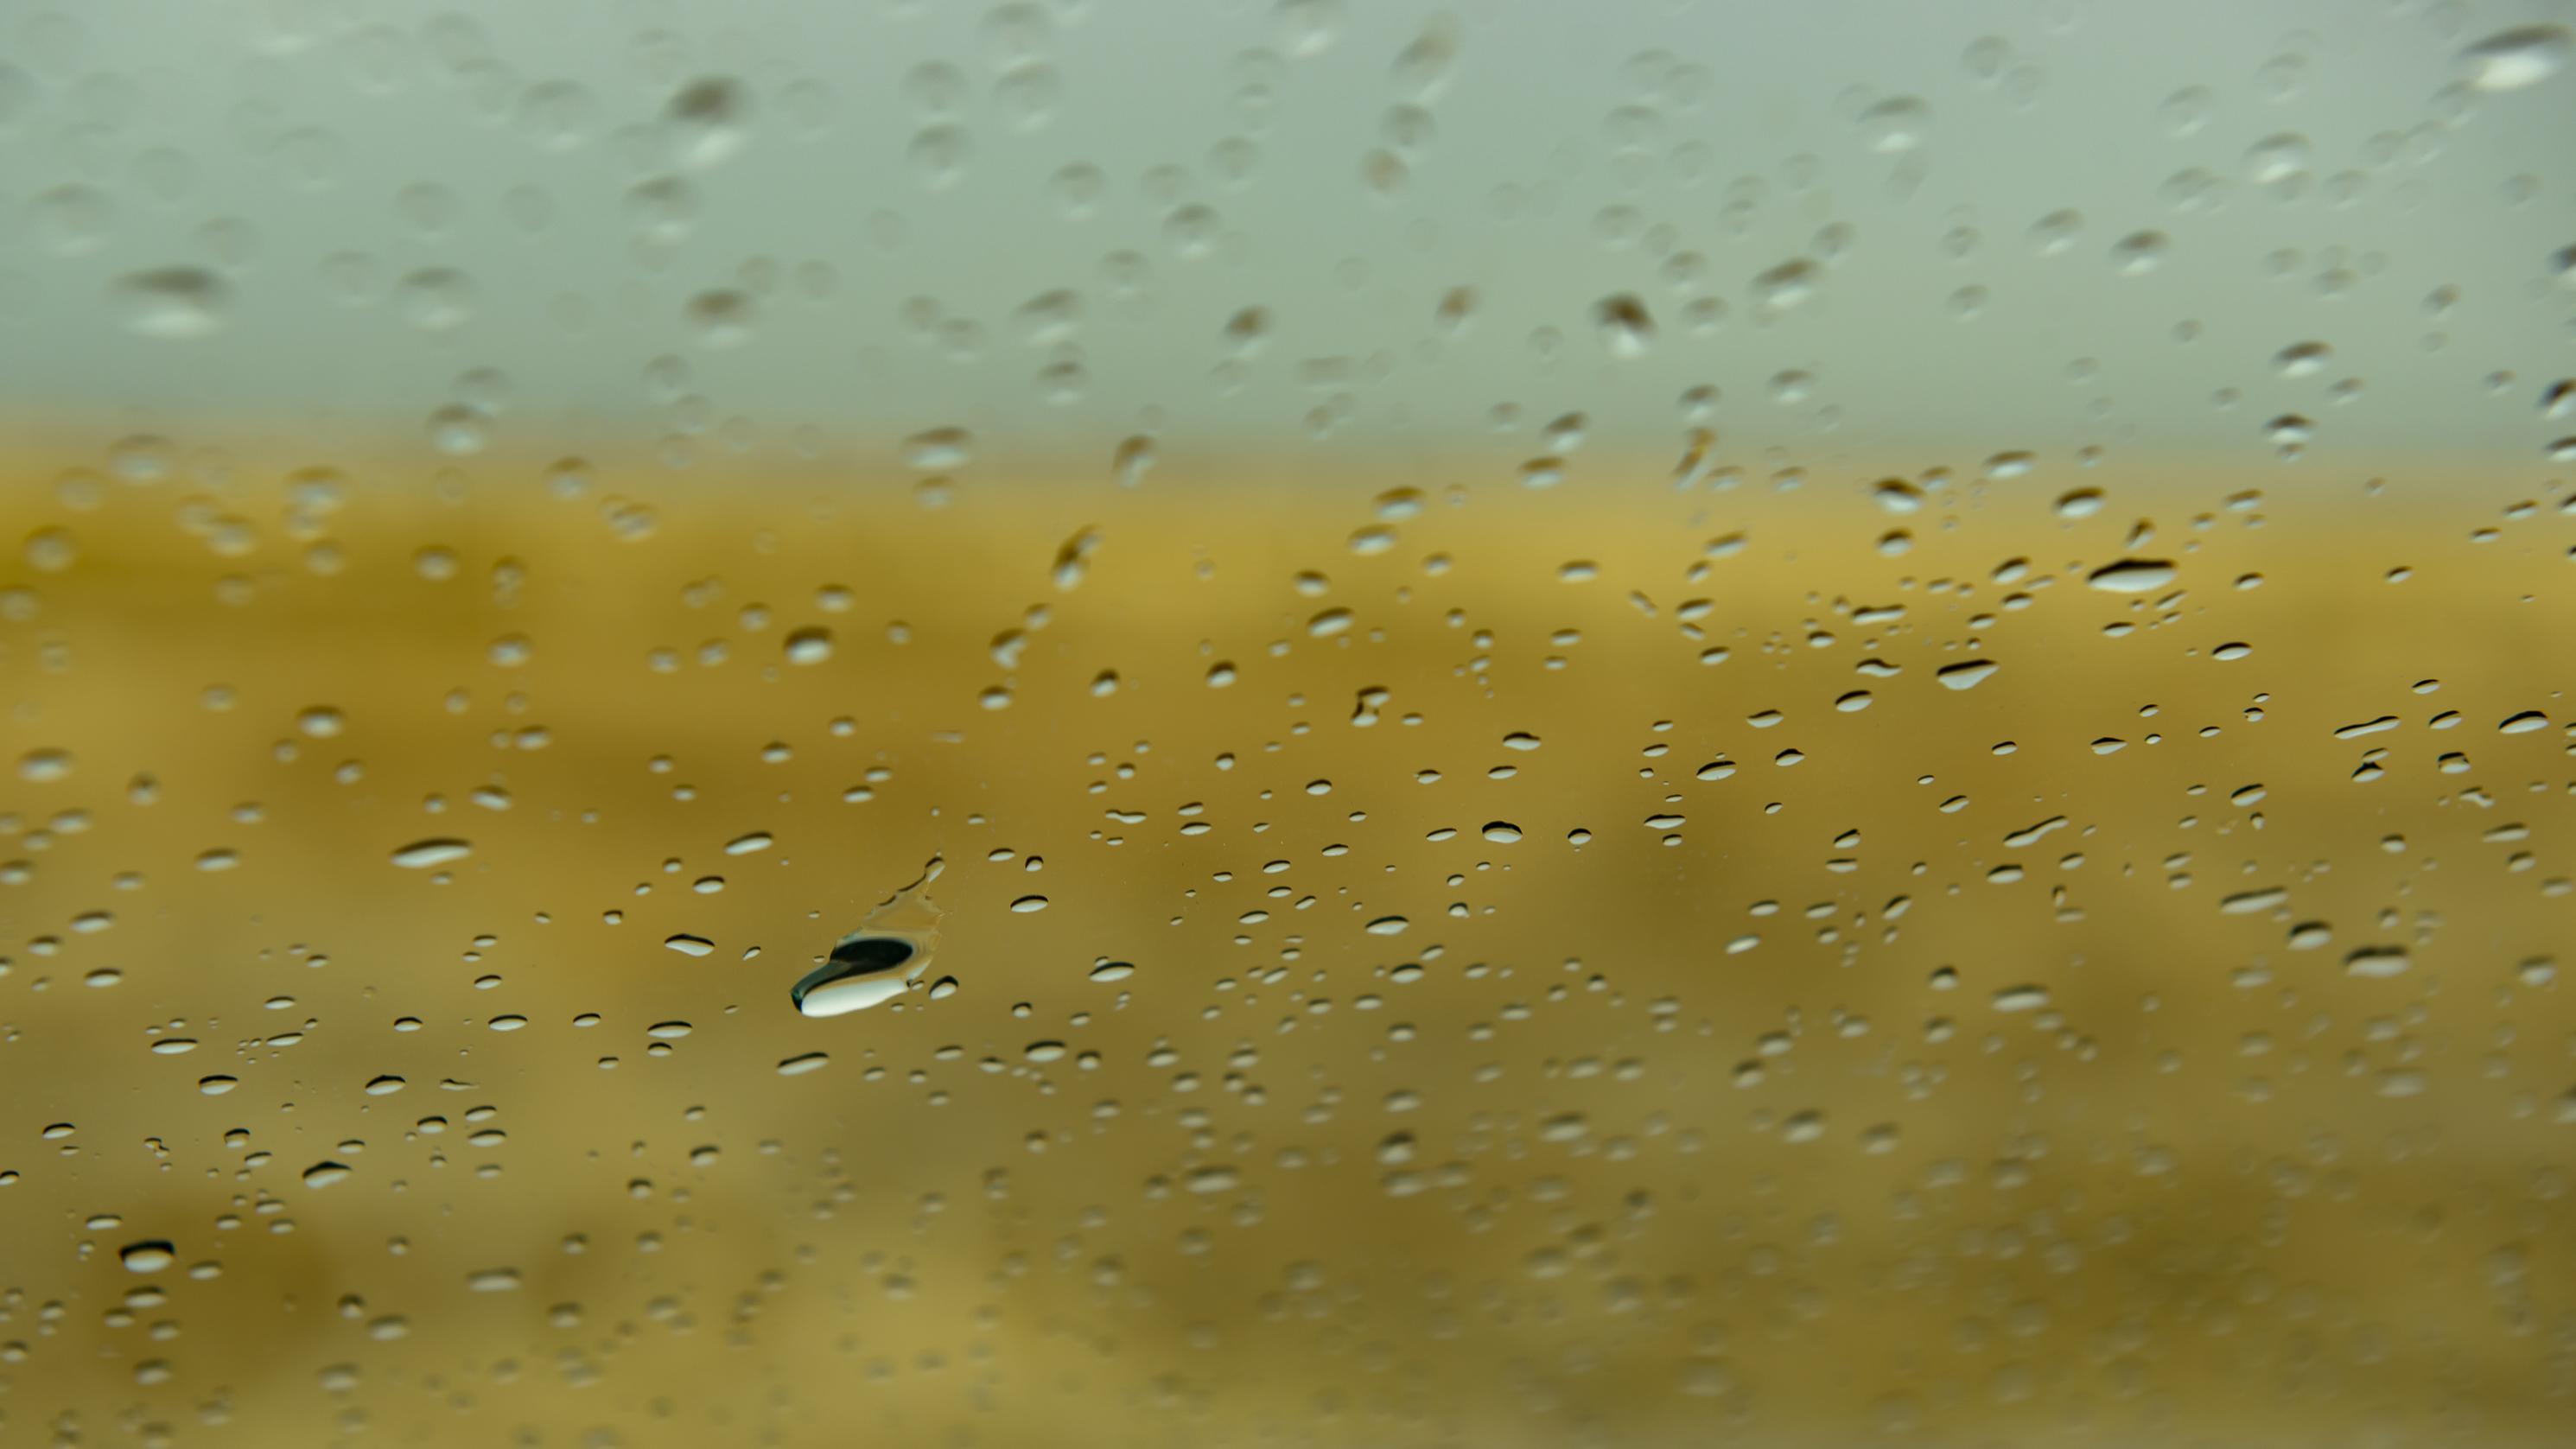 Raindrops-9118